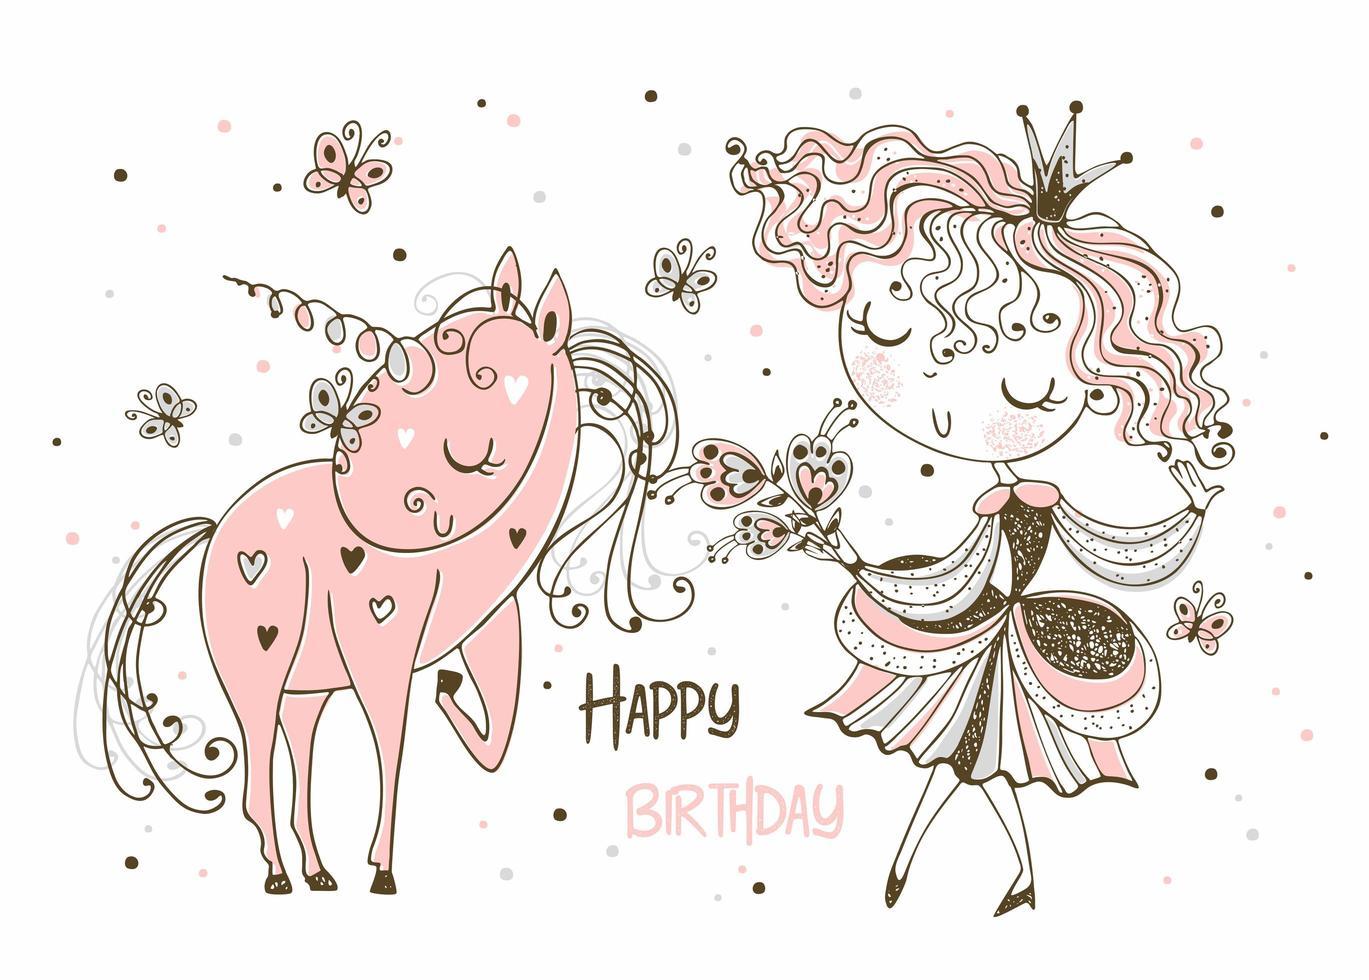 födelsedagskort av en prinsessa och en enhörning vektor